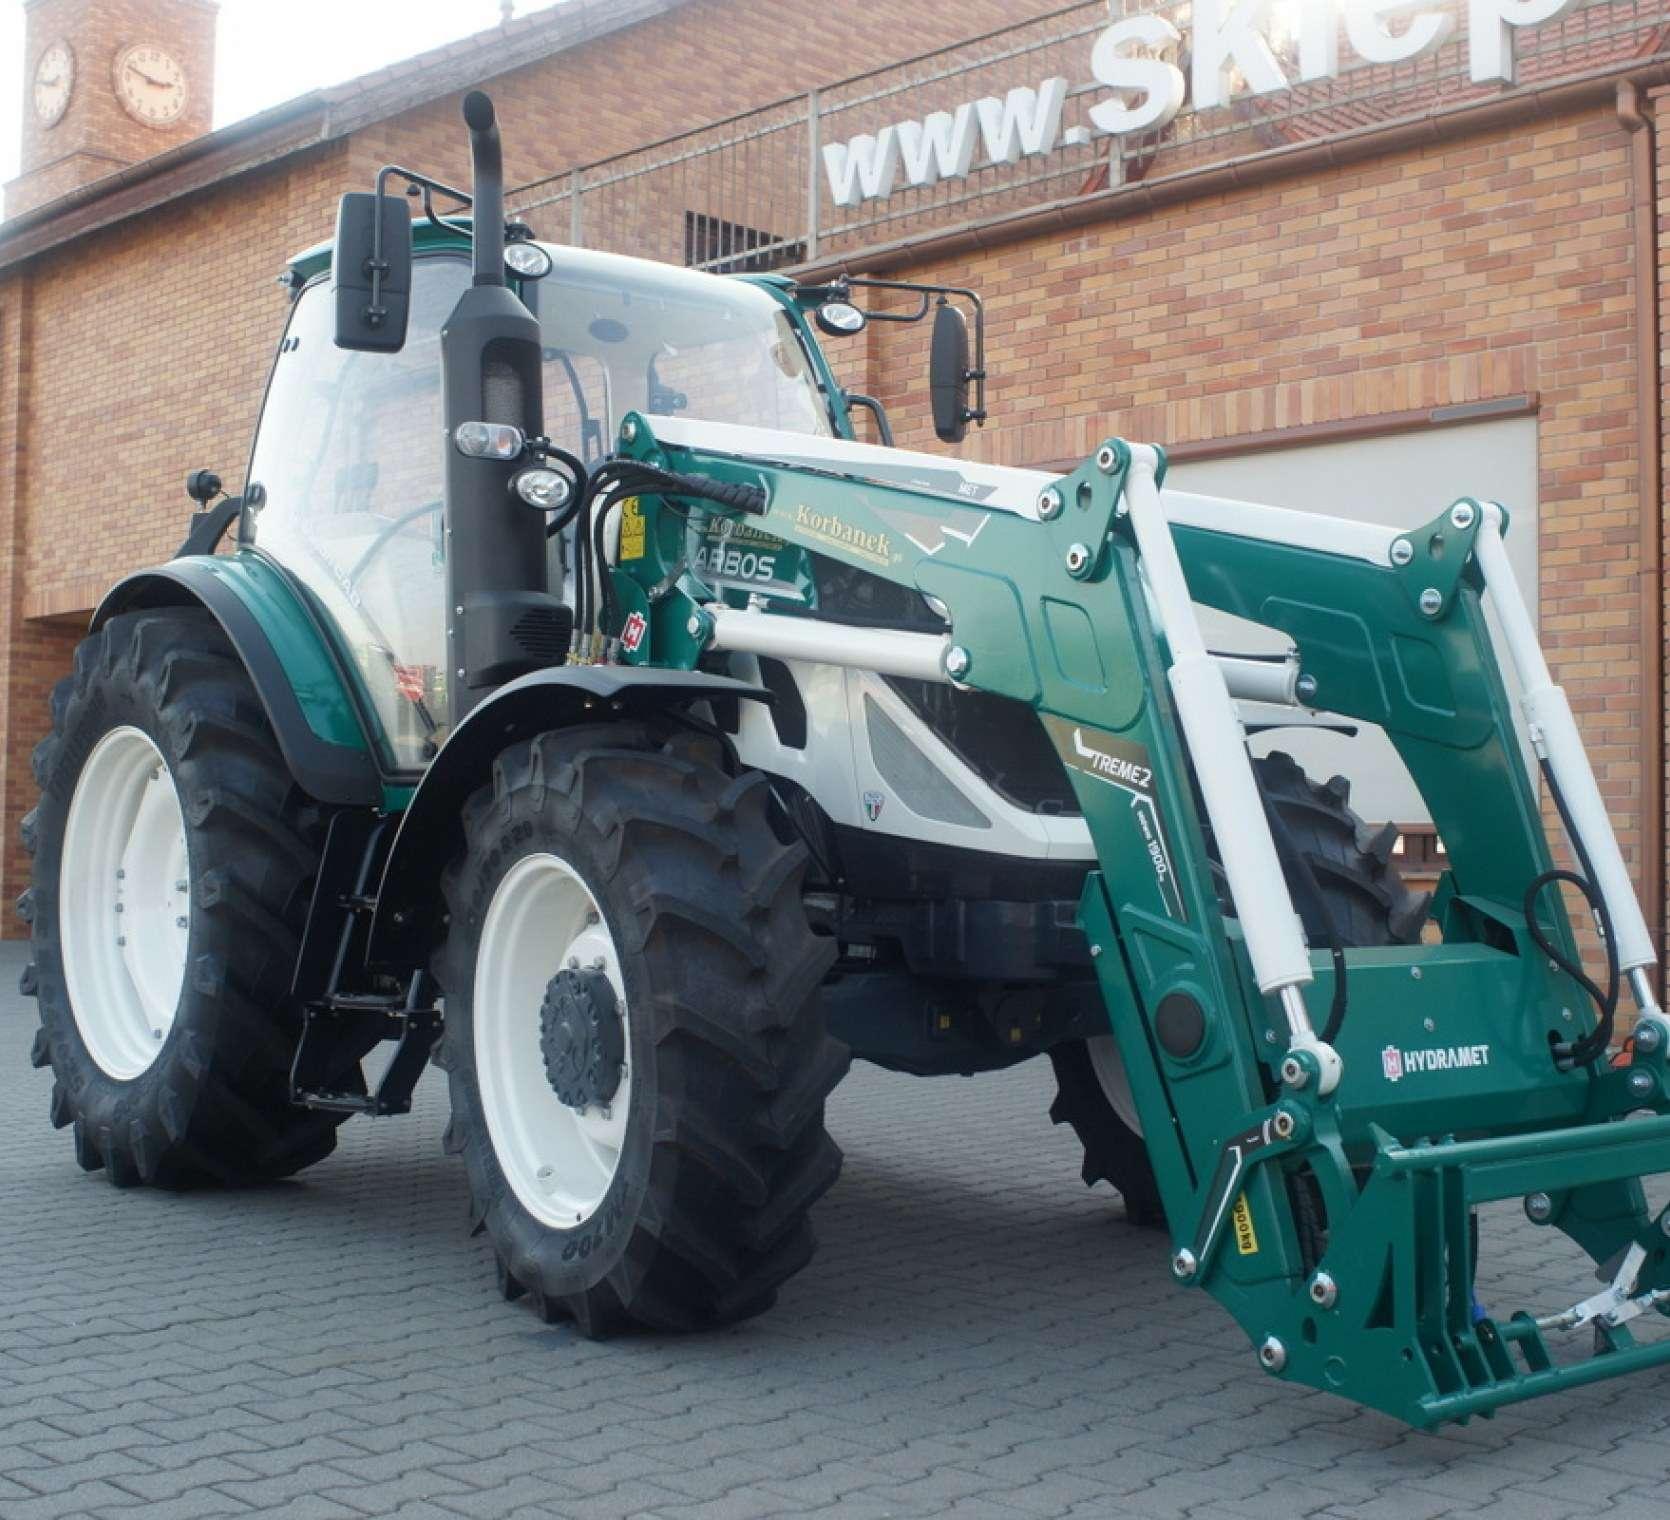 ciagnik arbos 5130 na tle magazynu czesci korbanek zamontowany ladowacz hydramet w kolorze traktora